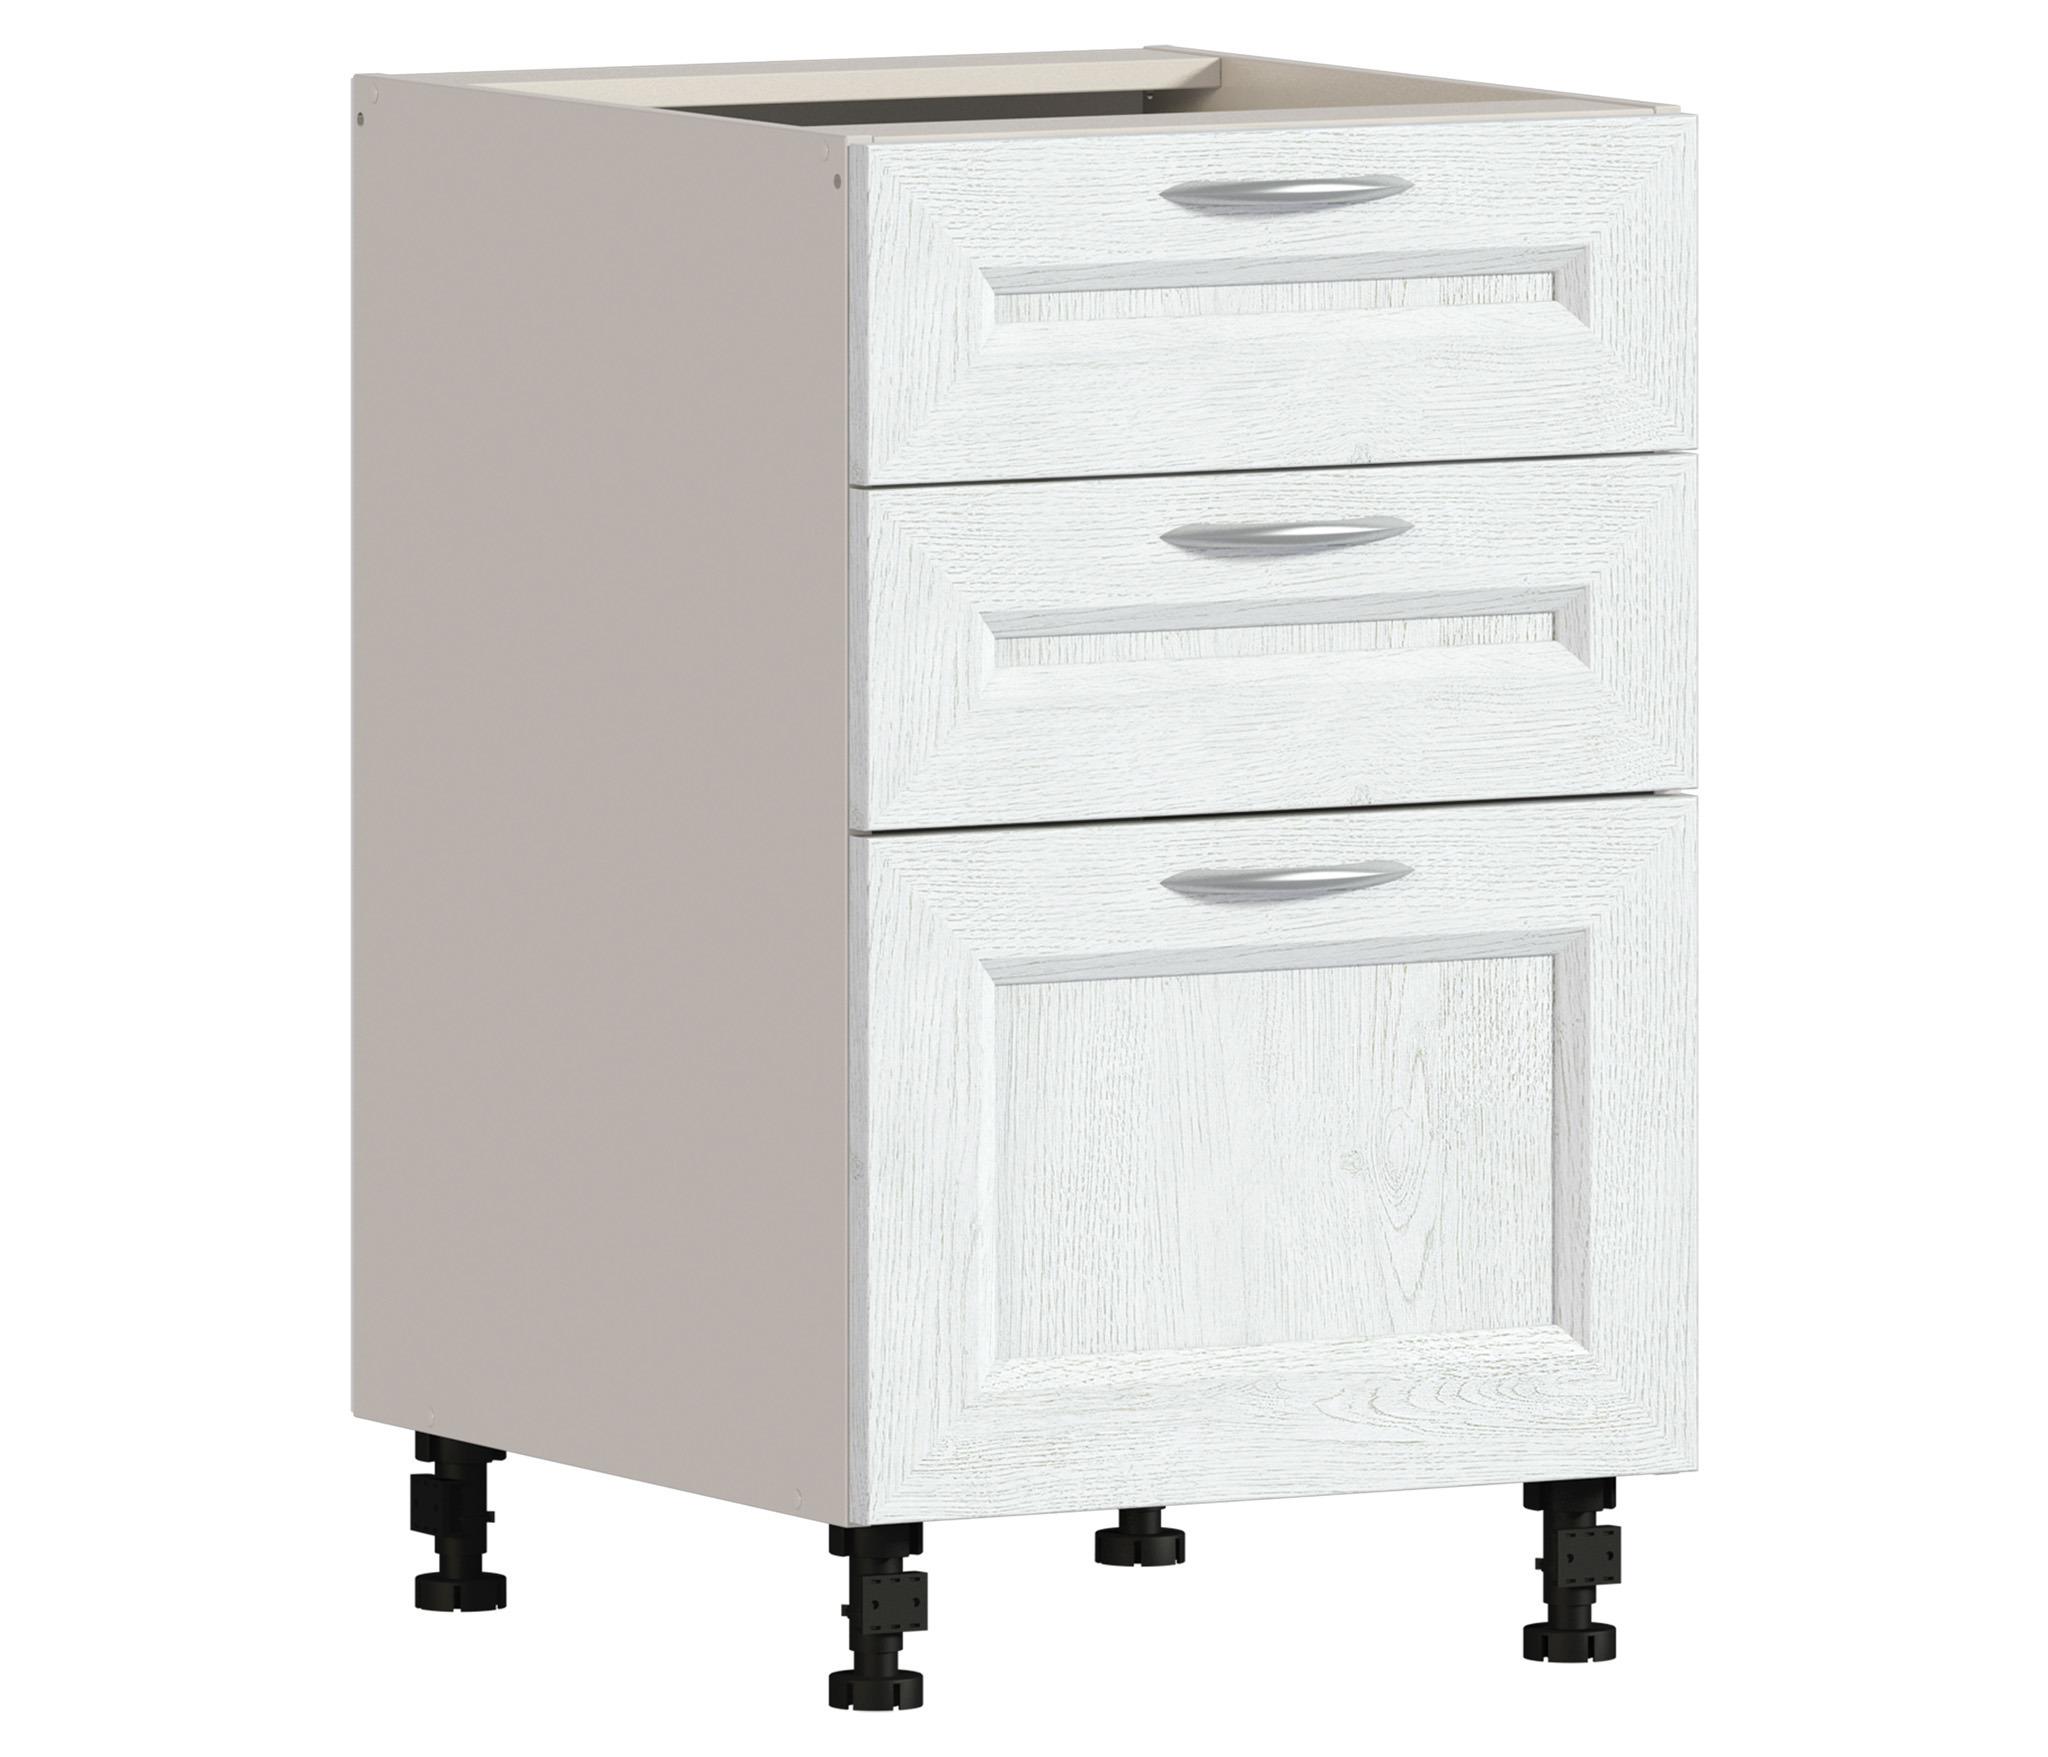 Регина РСЯ-50 Стол с ящикамиМебель для кухни<br><br><br>Длина мм: 500<br>Высота мм: 820<br>Глубина мм: 563